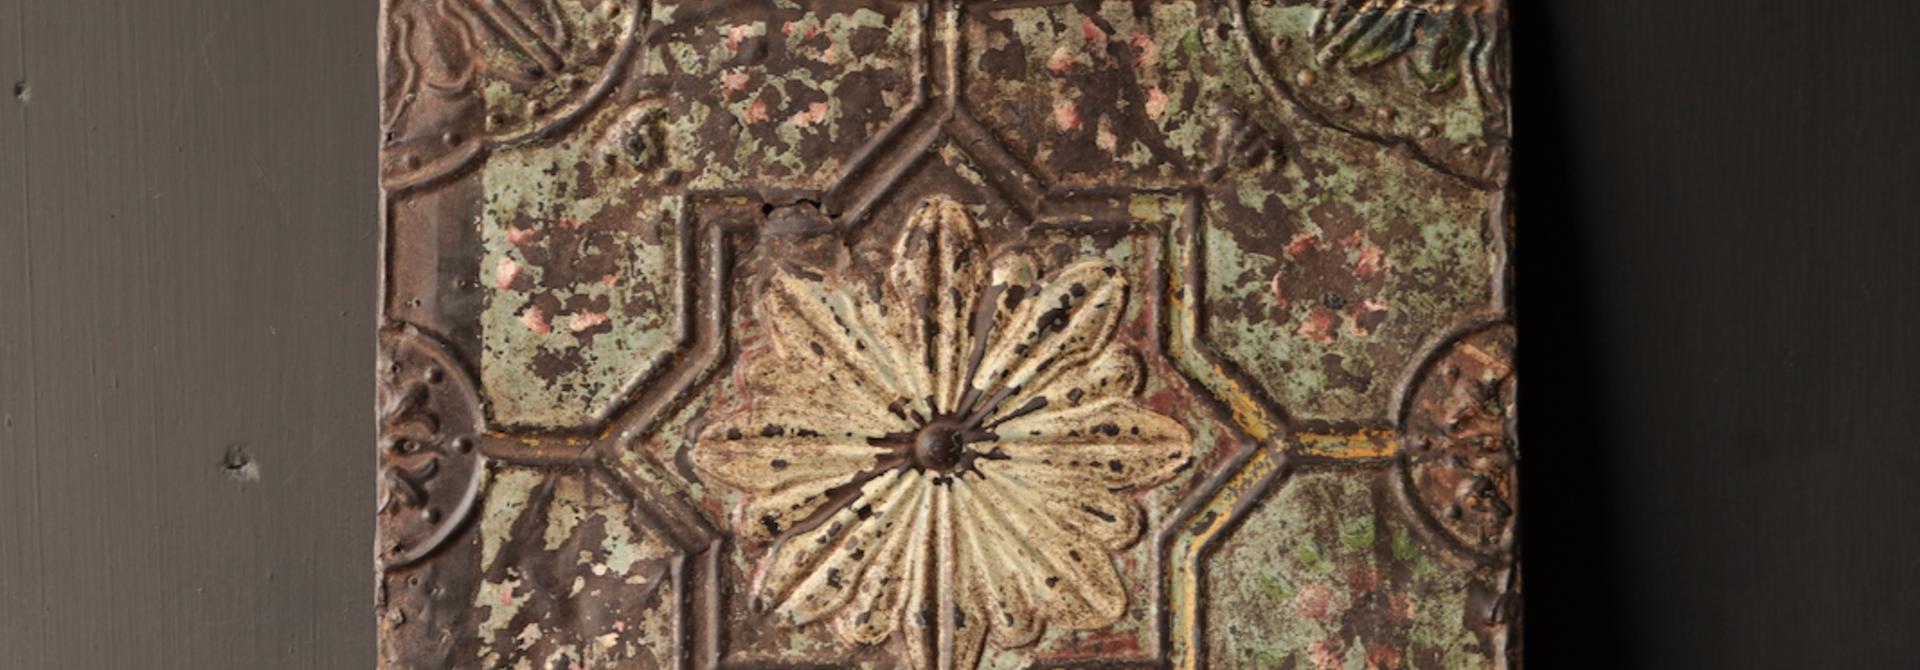 Schöne alte Deckenplatte, eingerahmt in einen Holzrahmen